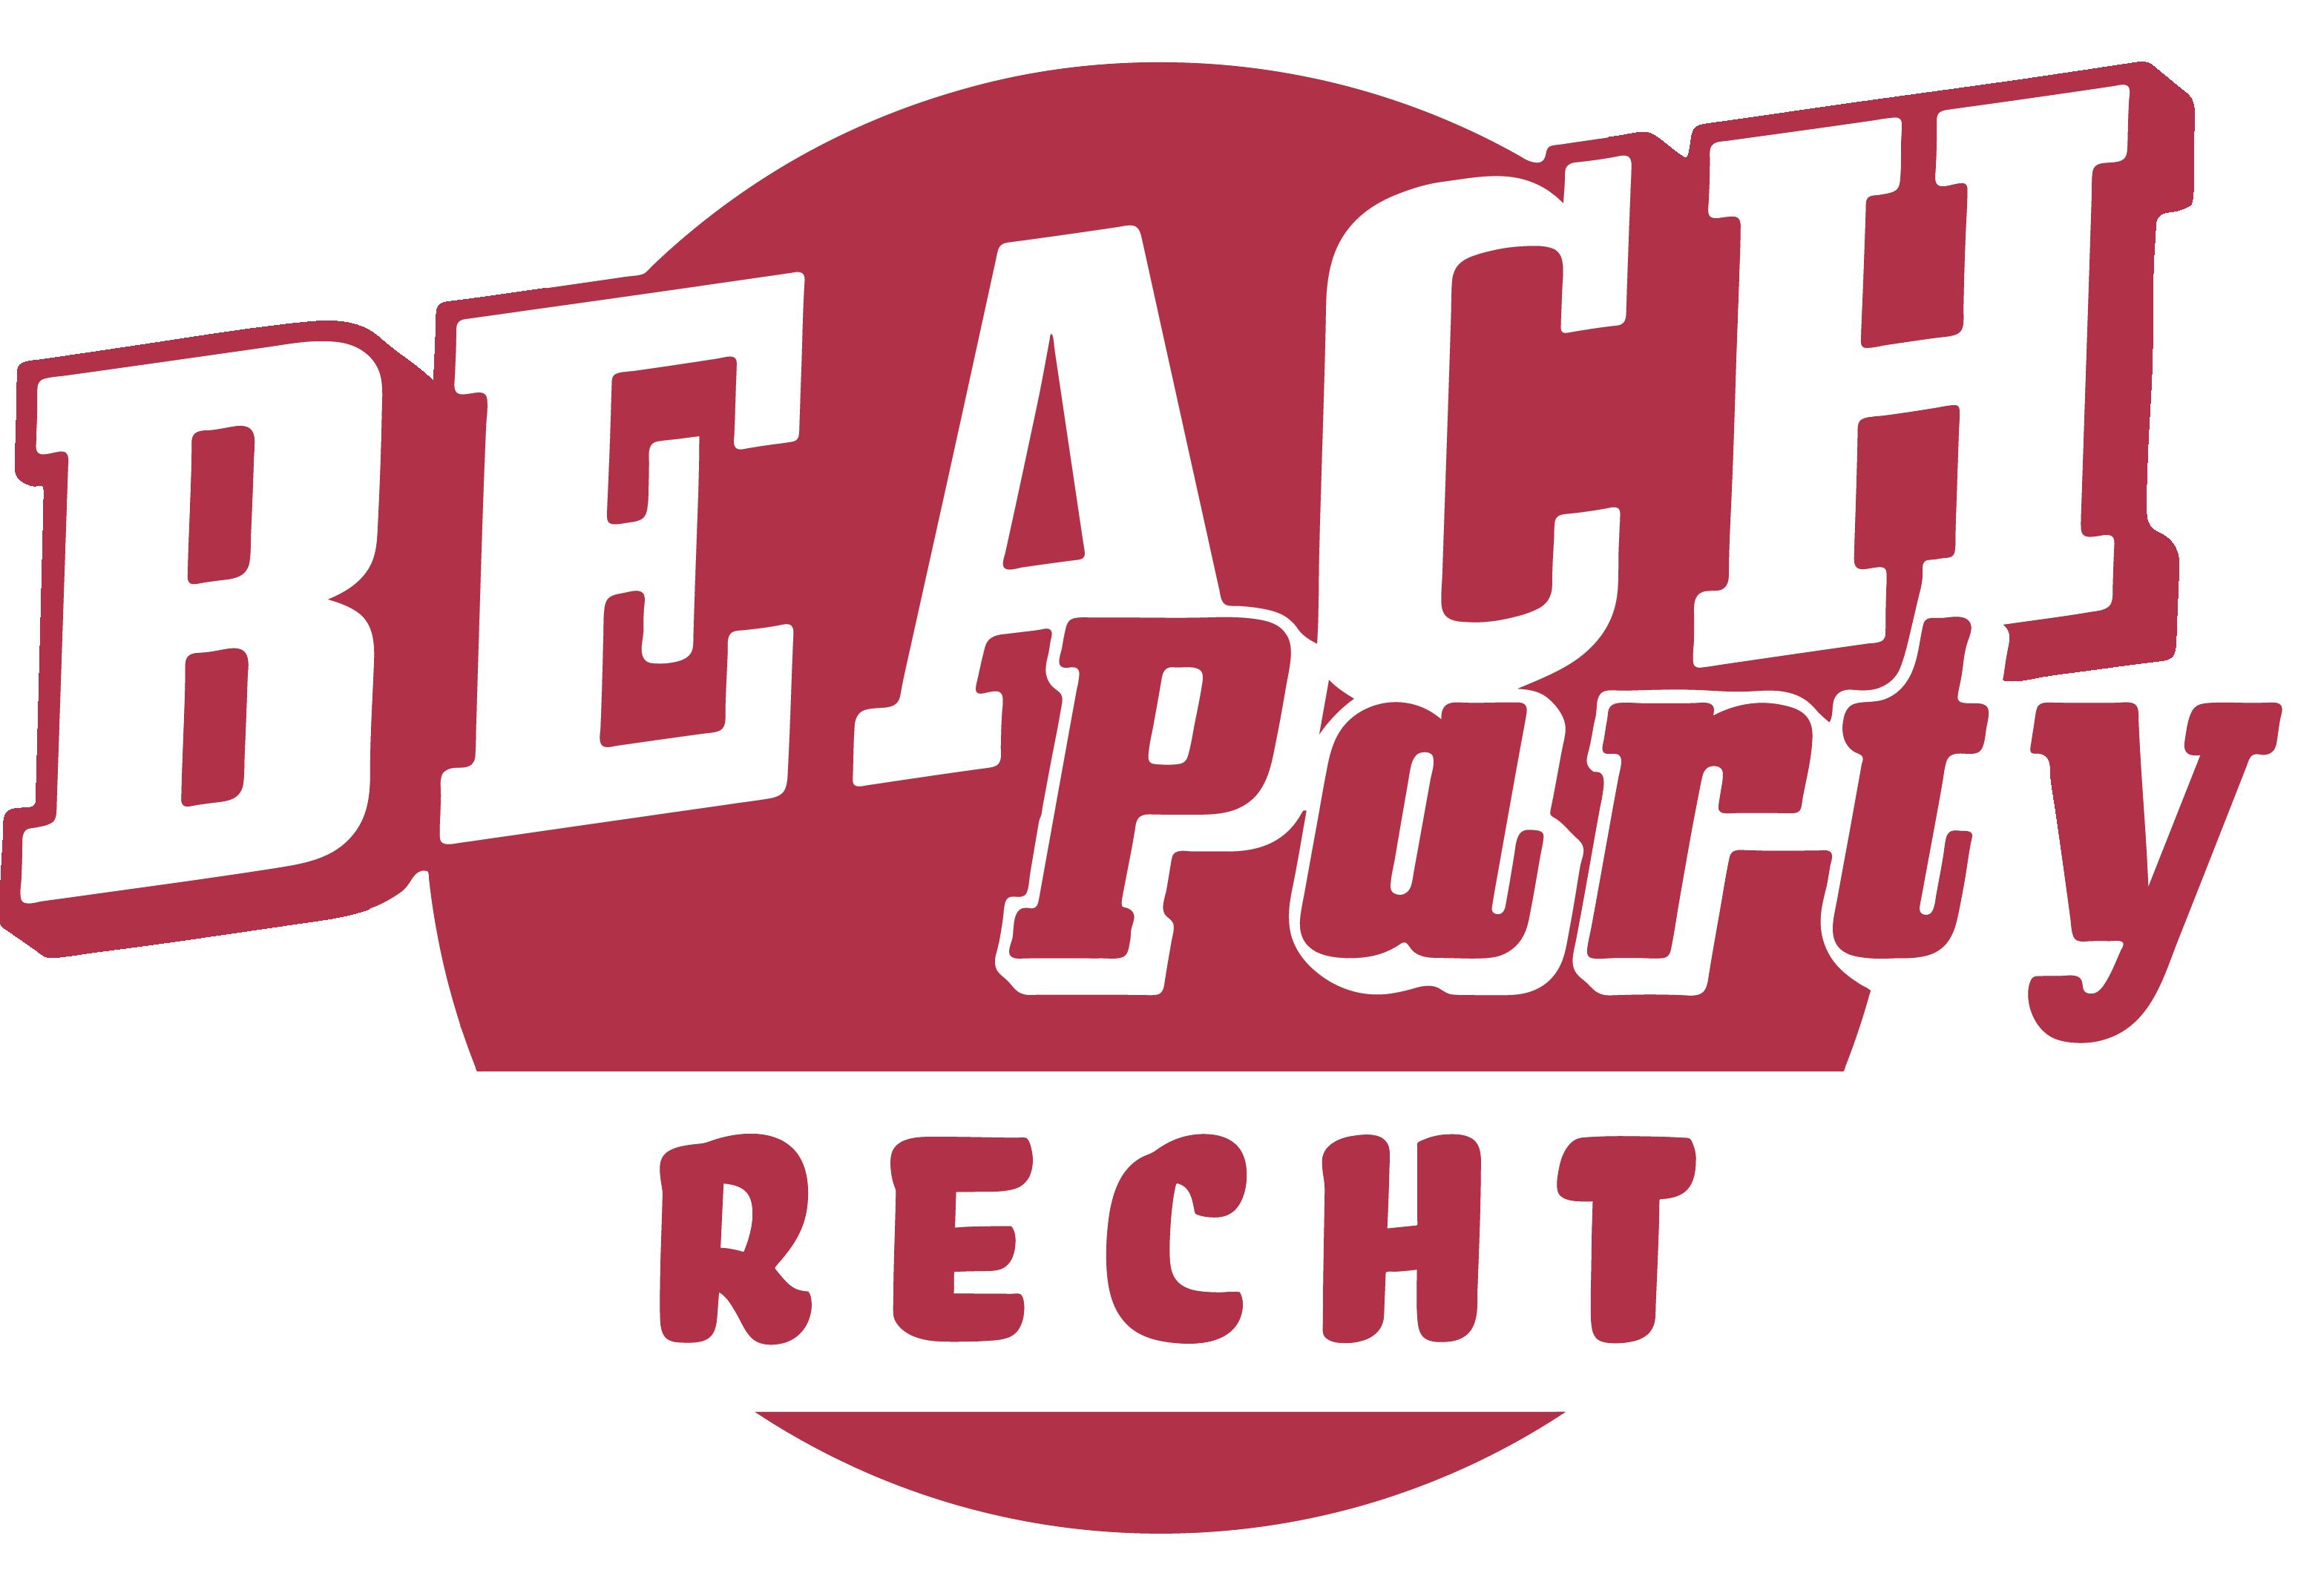 Beach Party Recht